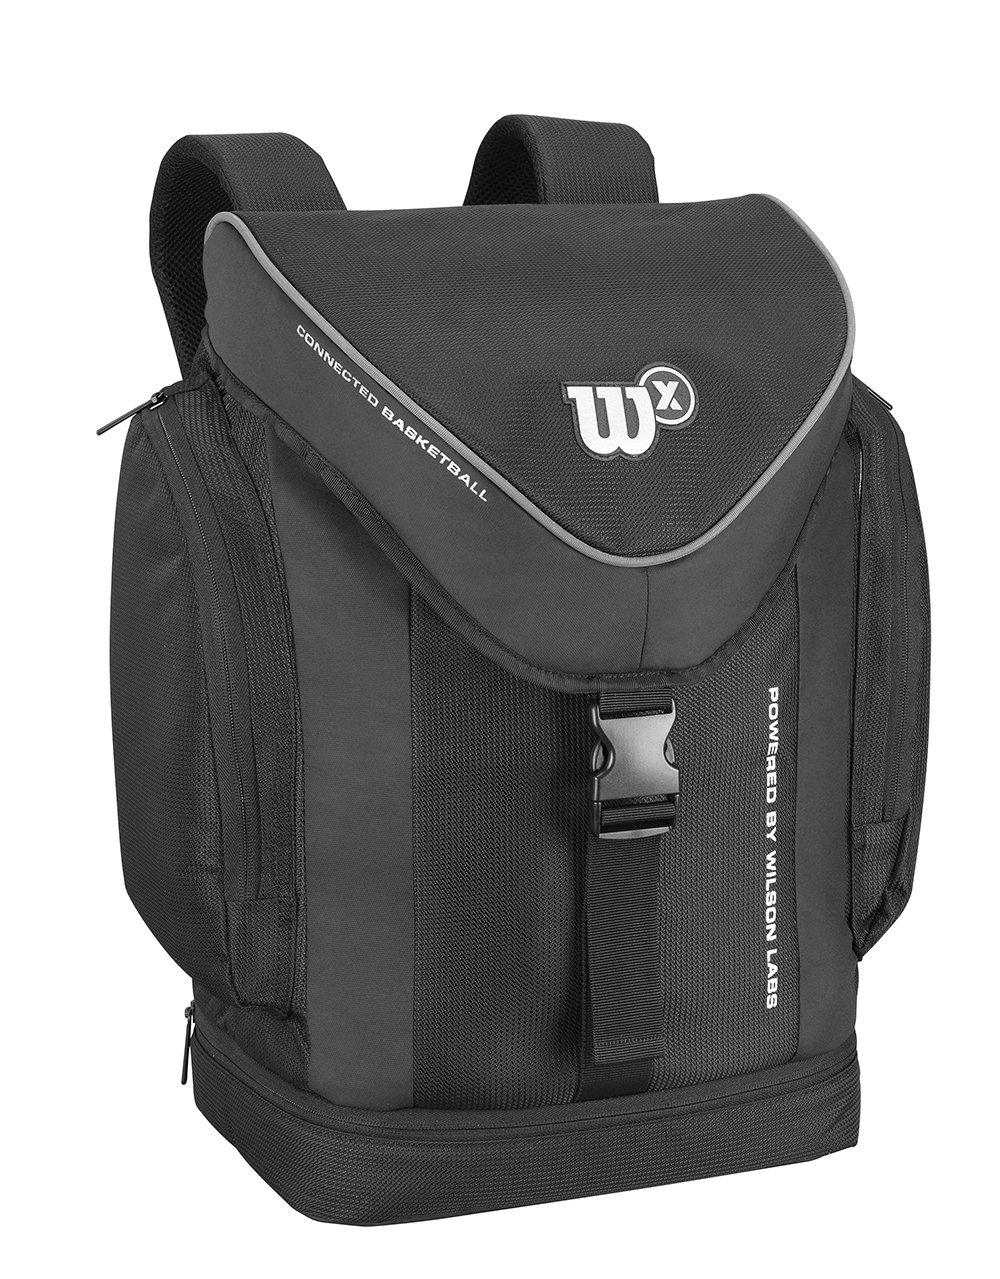 Wilson Mochila deportiva, Grande, WX BACKPACK, Negro, WTB180300: Amazon.es: Deportes y aire libre